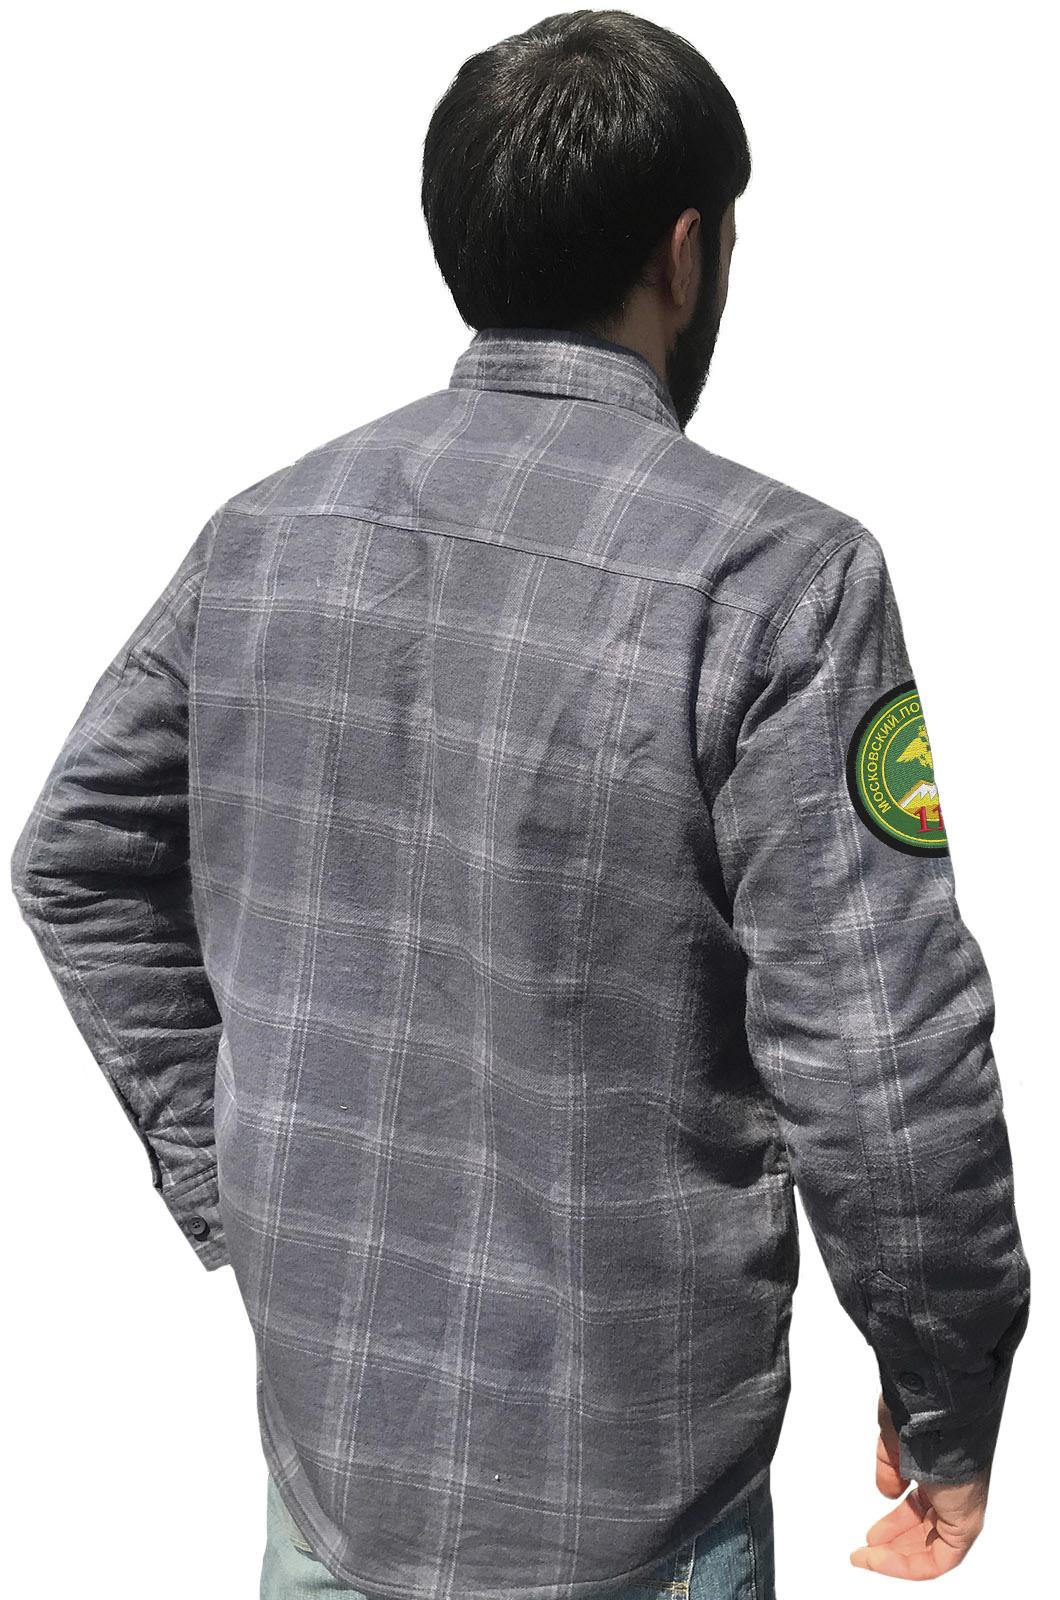 Рубашка с пограничным шевроном заказать в подарок